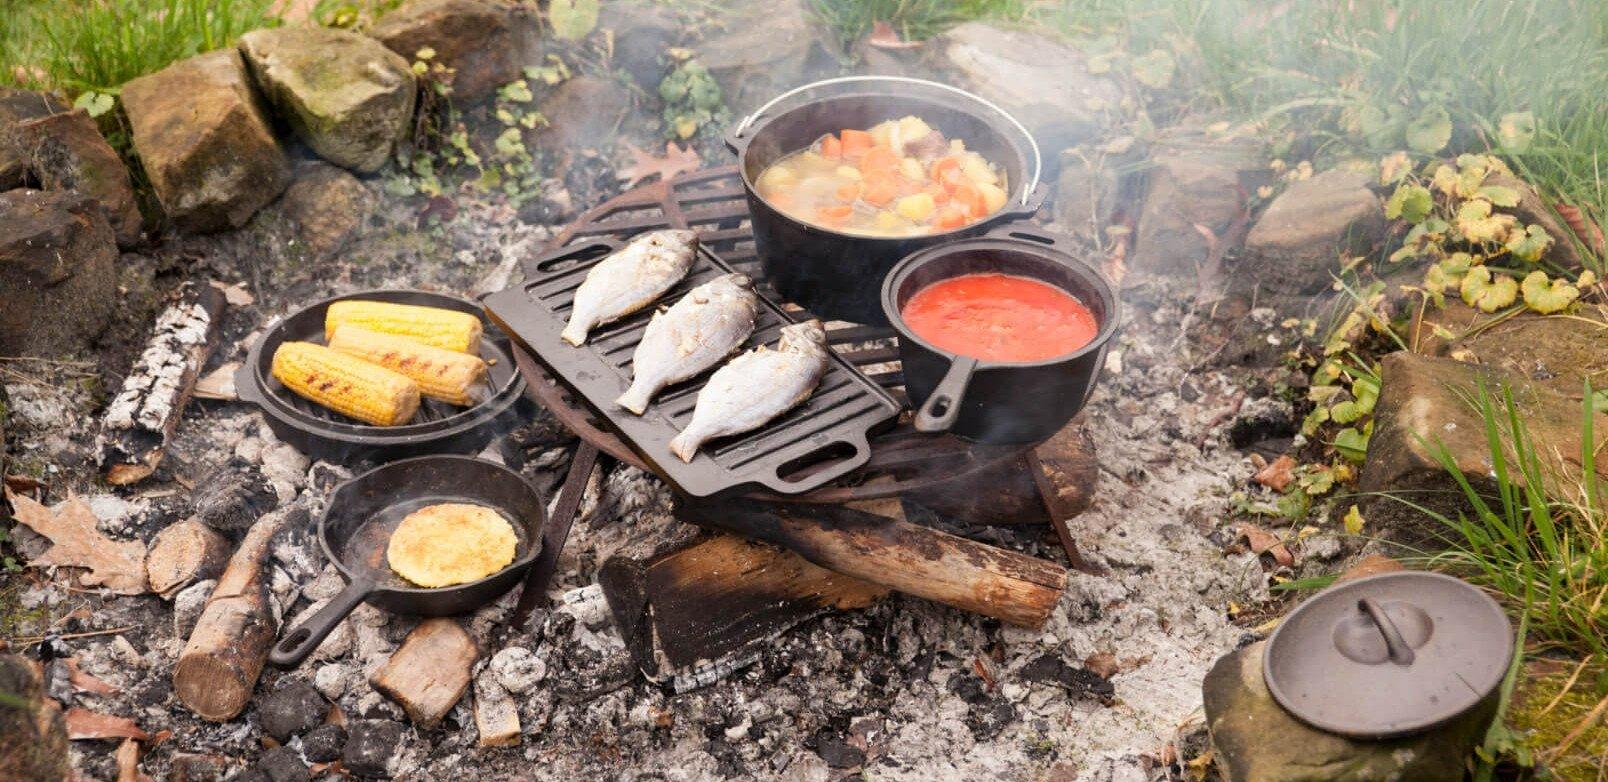 Wonderbaarlijk Buiten koken? | Shop makkelijk en snel bij Vuurkorfwinkel.nl WJ-26